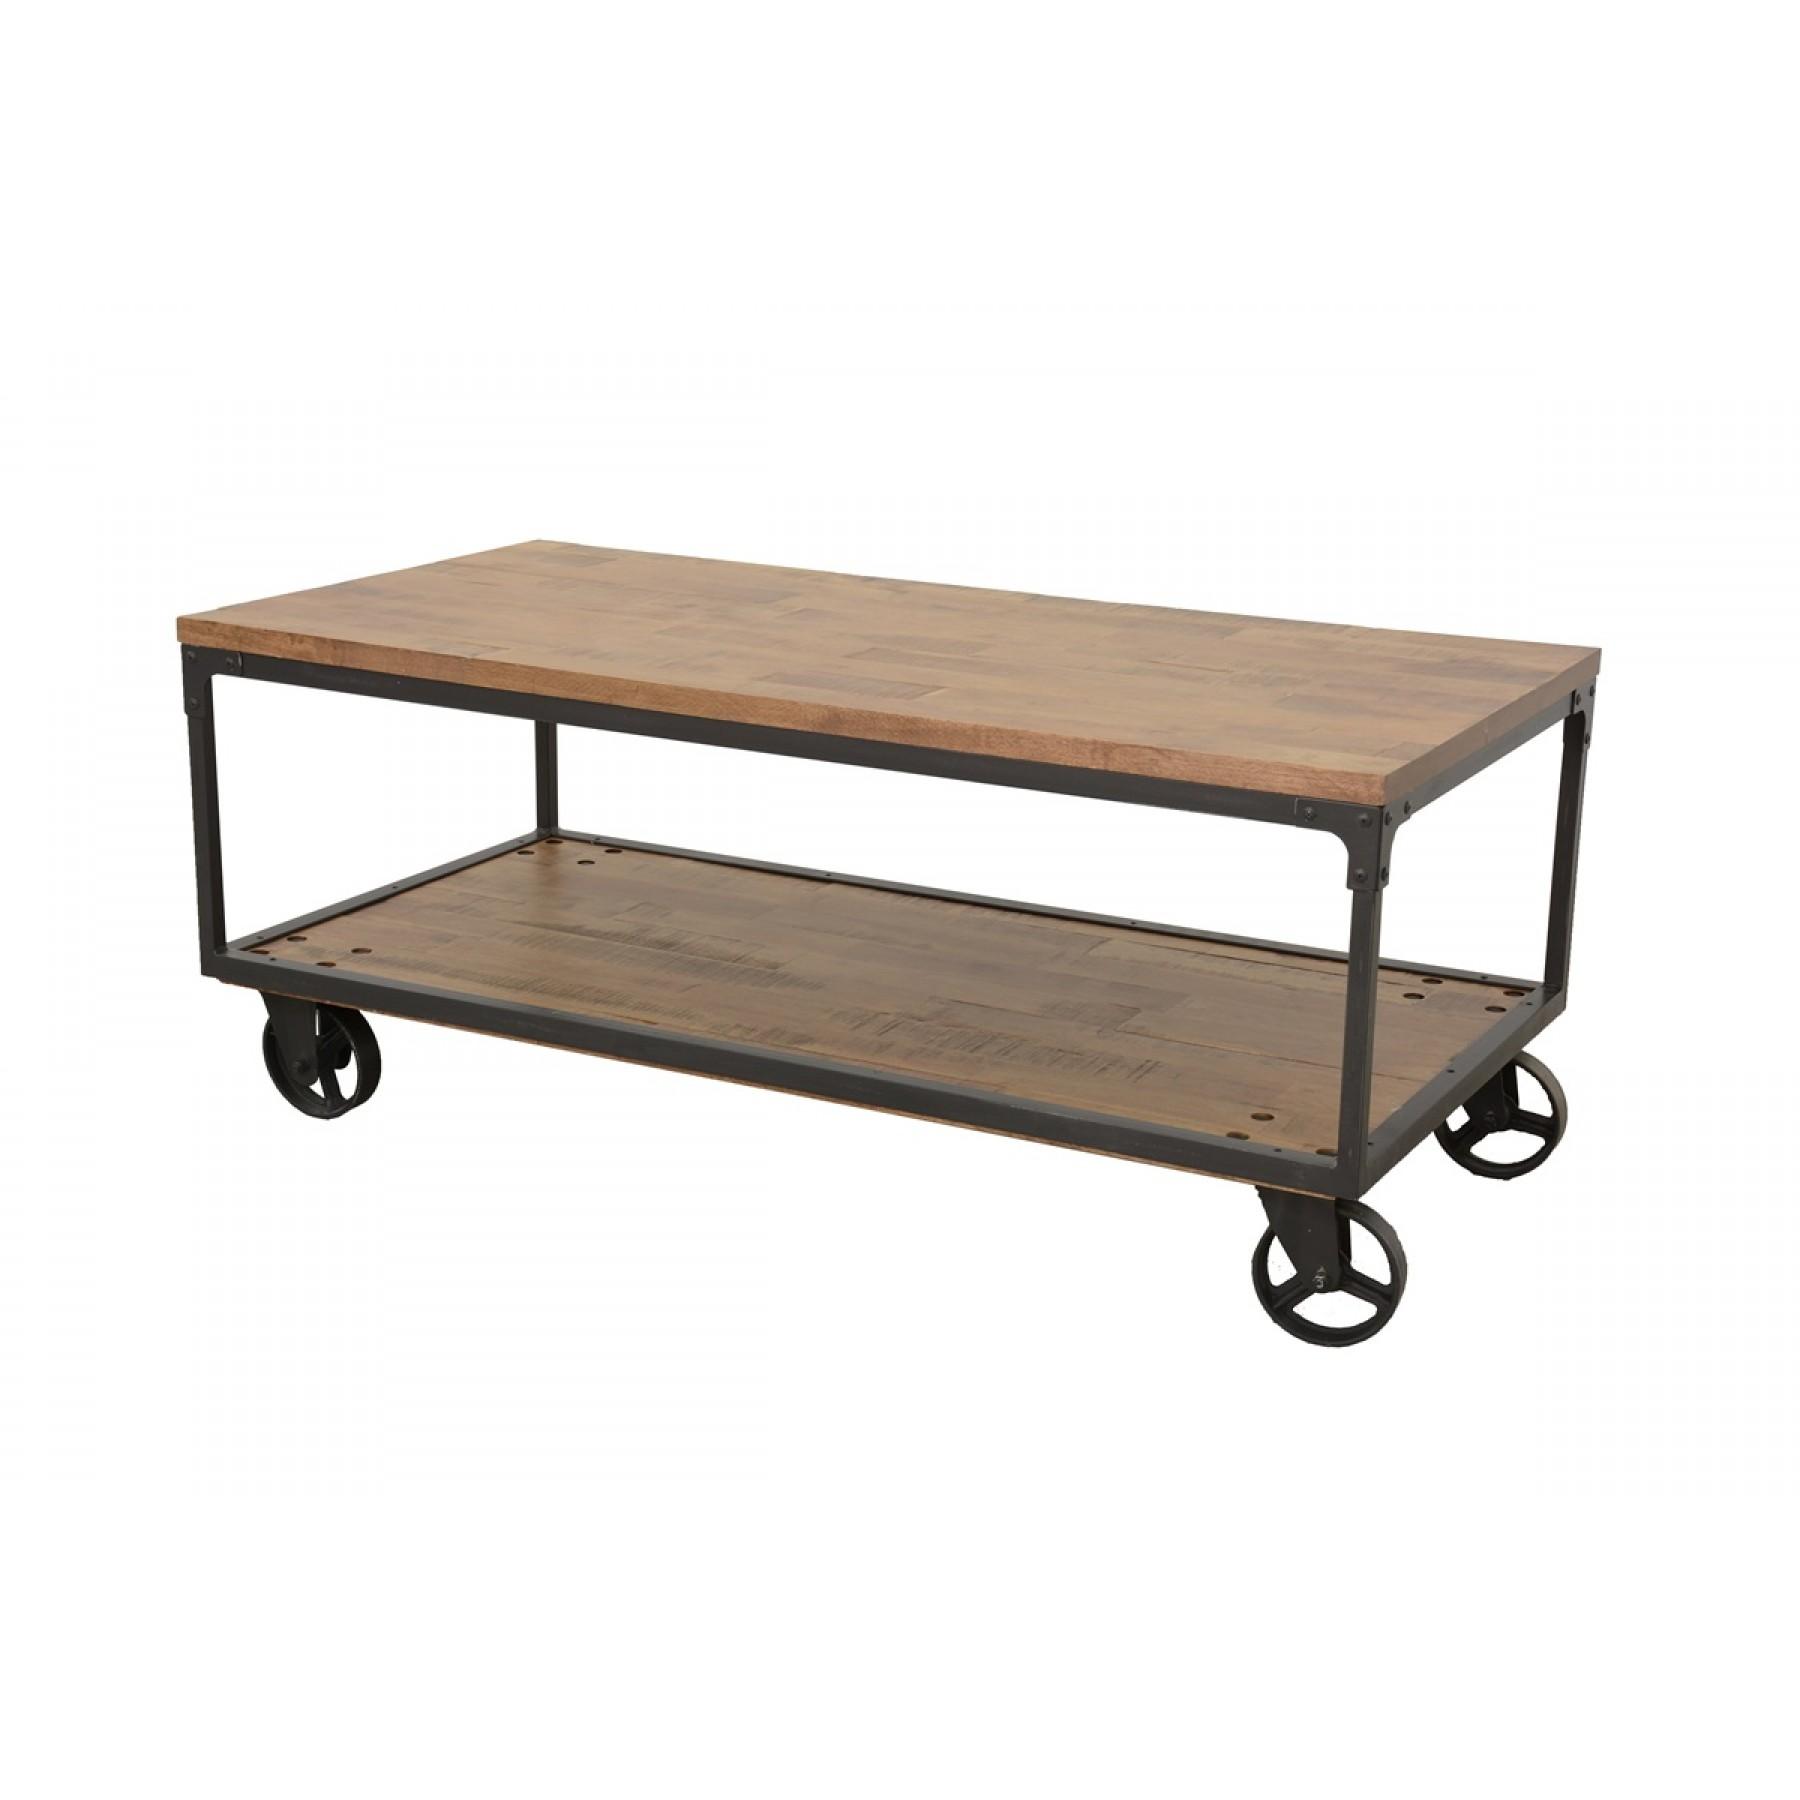 Fer Table Wolof Rectangle Finition Basse Sur Roue Naturelle Vieillie tdsQCxhr